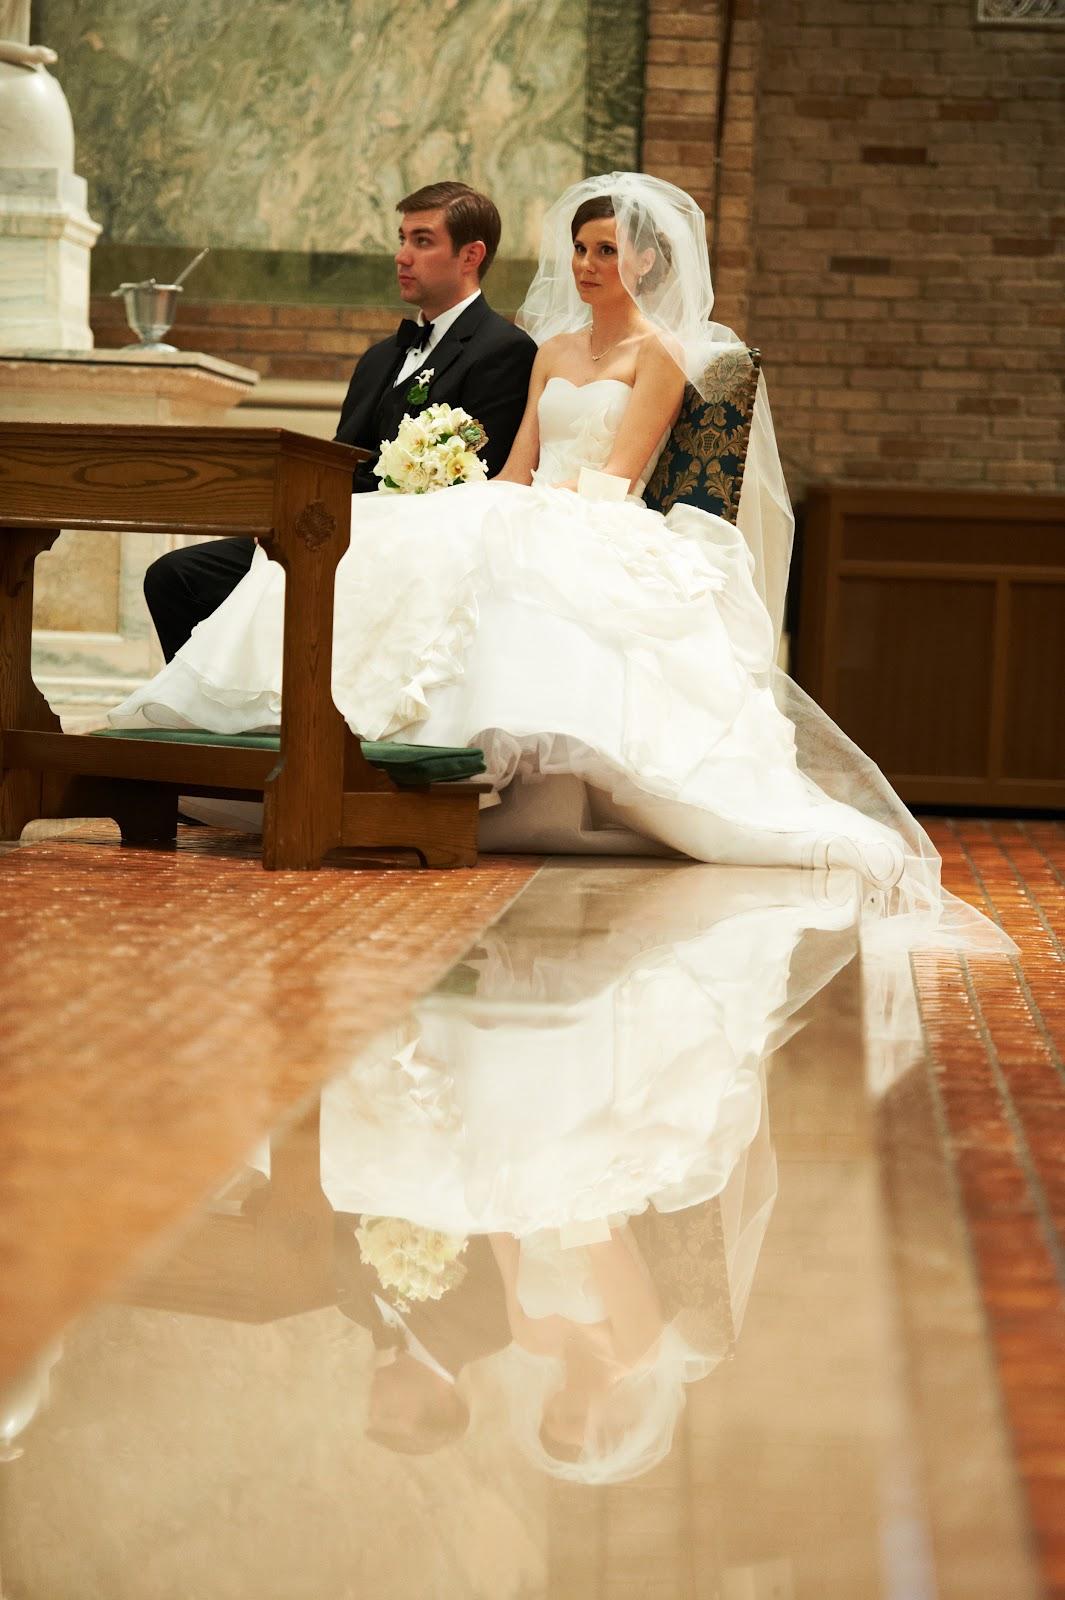 http://1.bp.blogspot.com/-9LpShasFJ1U/UCmu4s6kCRI/AAAAAAAAJno/bO8IxLCVhho/s1600/492-Rachel-and-Chase.jpg